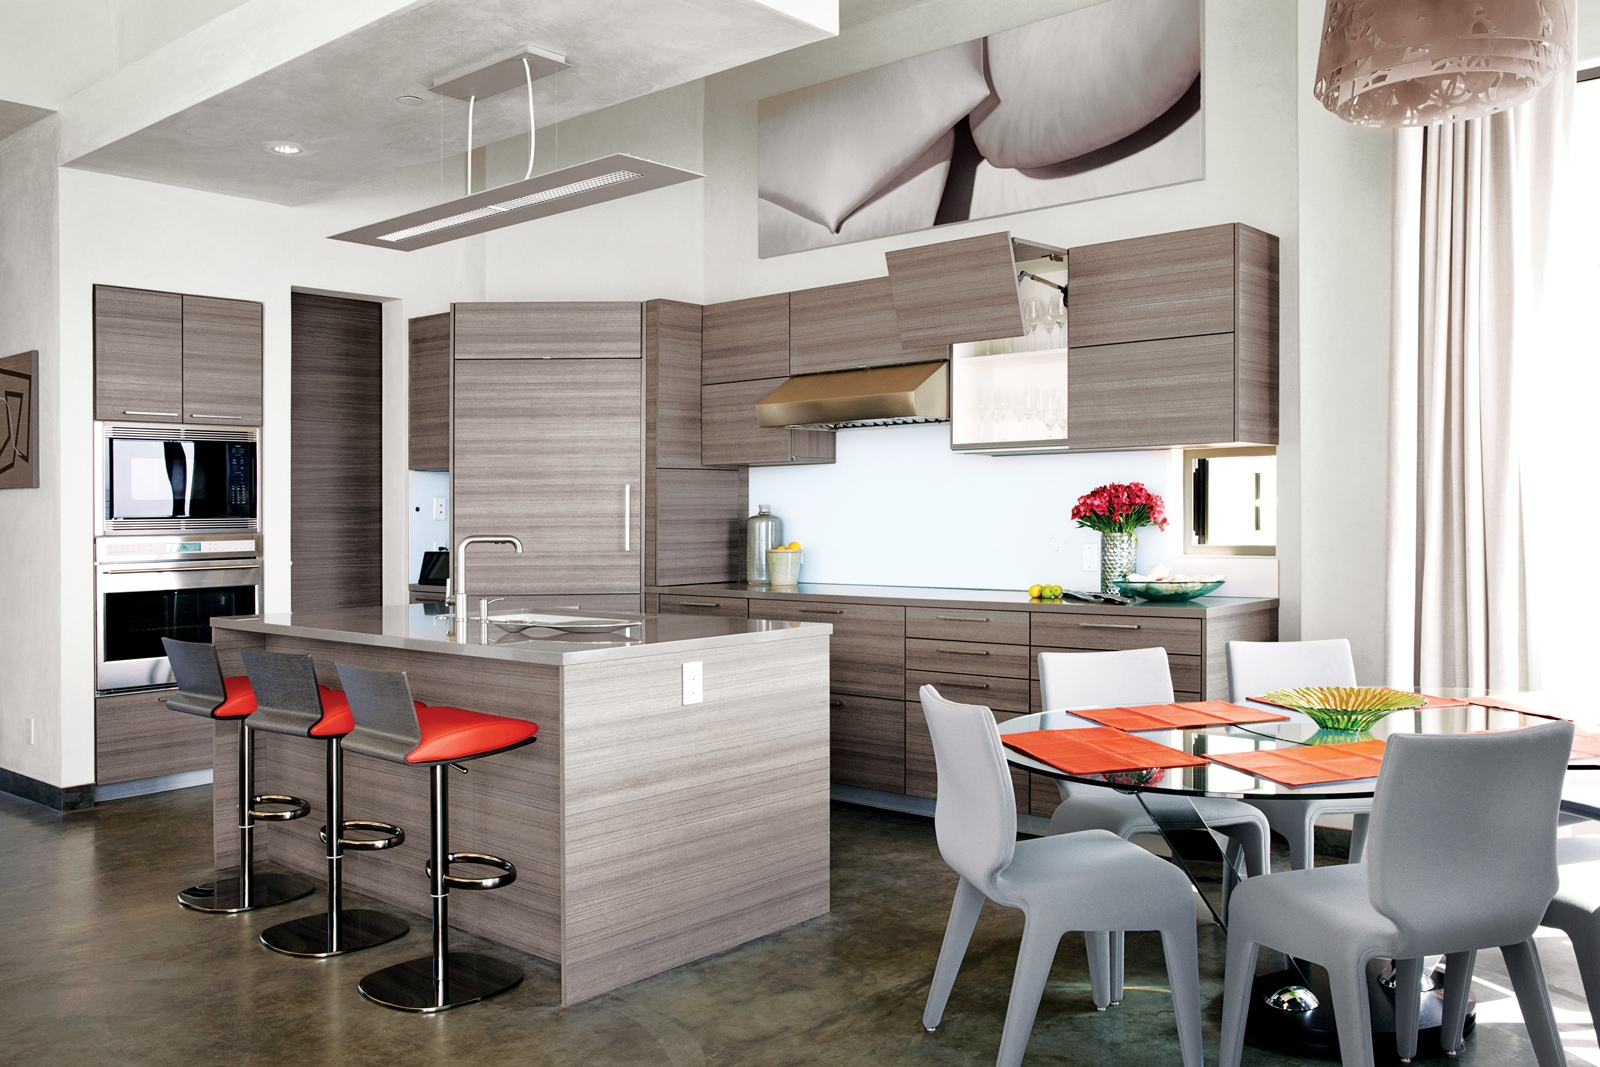 5-Modern-kitchen-diner